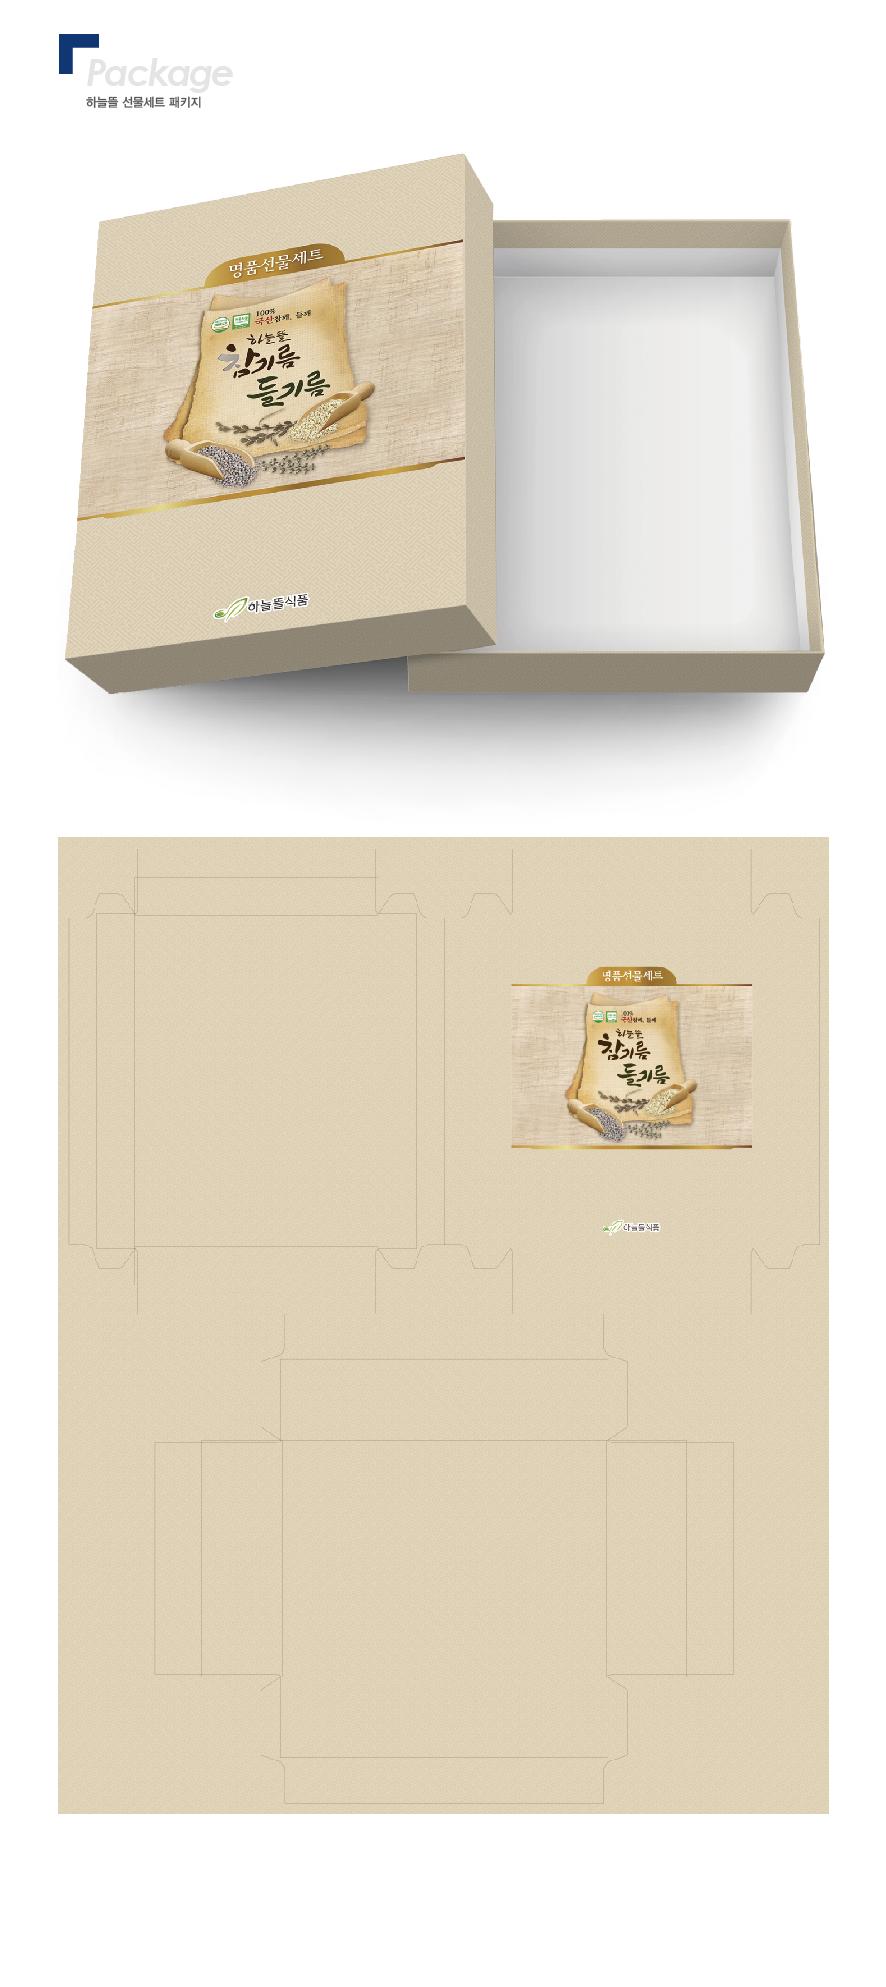 06 하늘뜰 선물세트 패키지.jpg